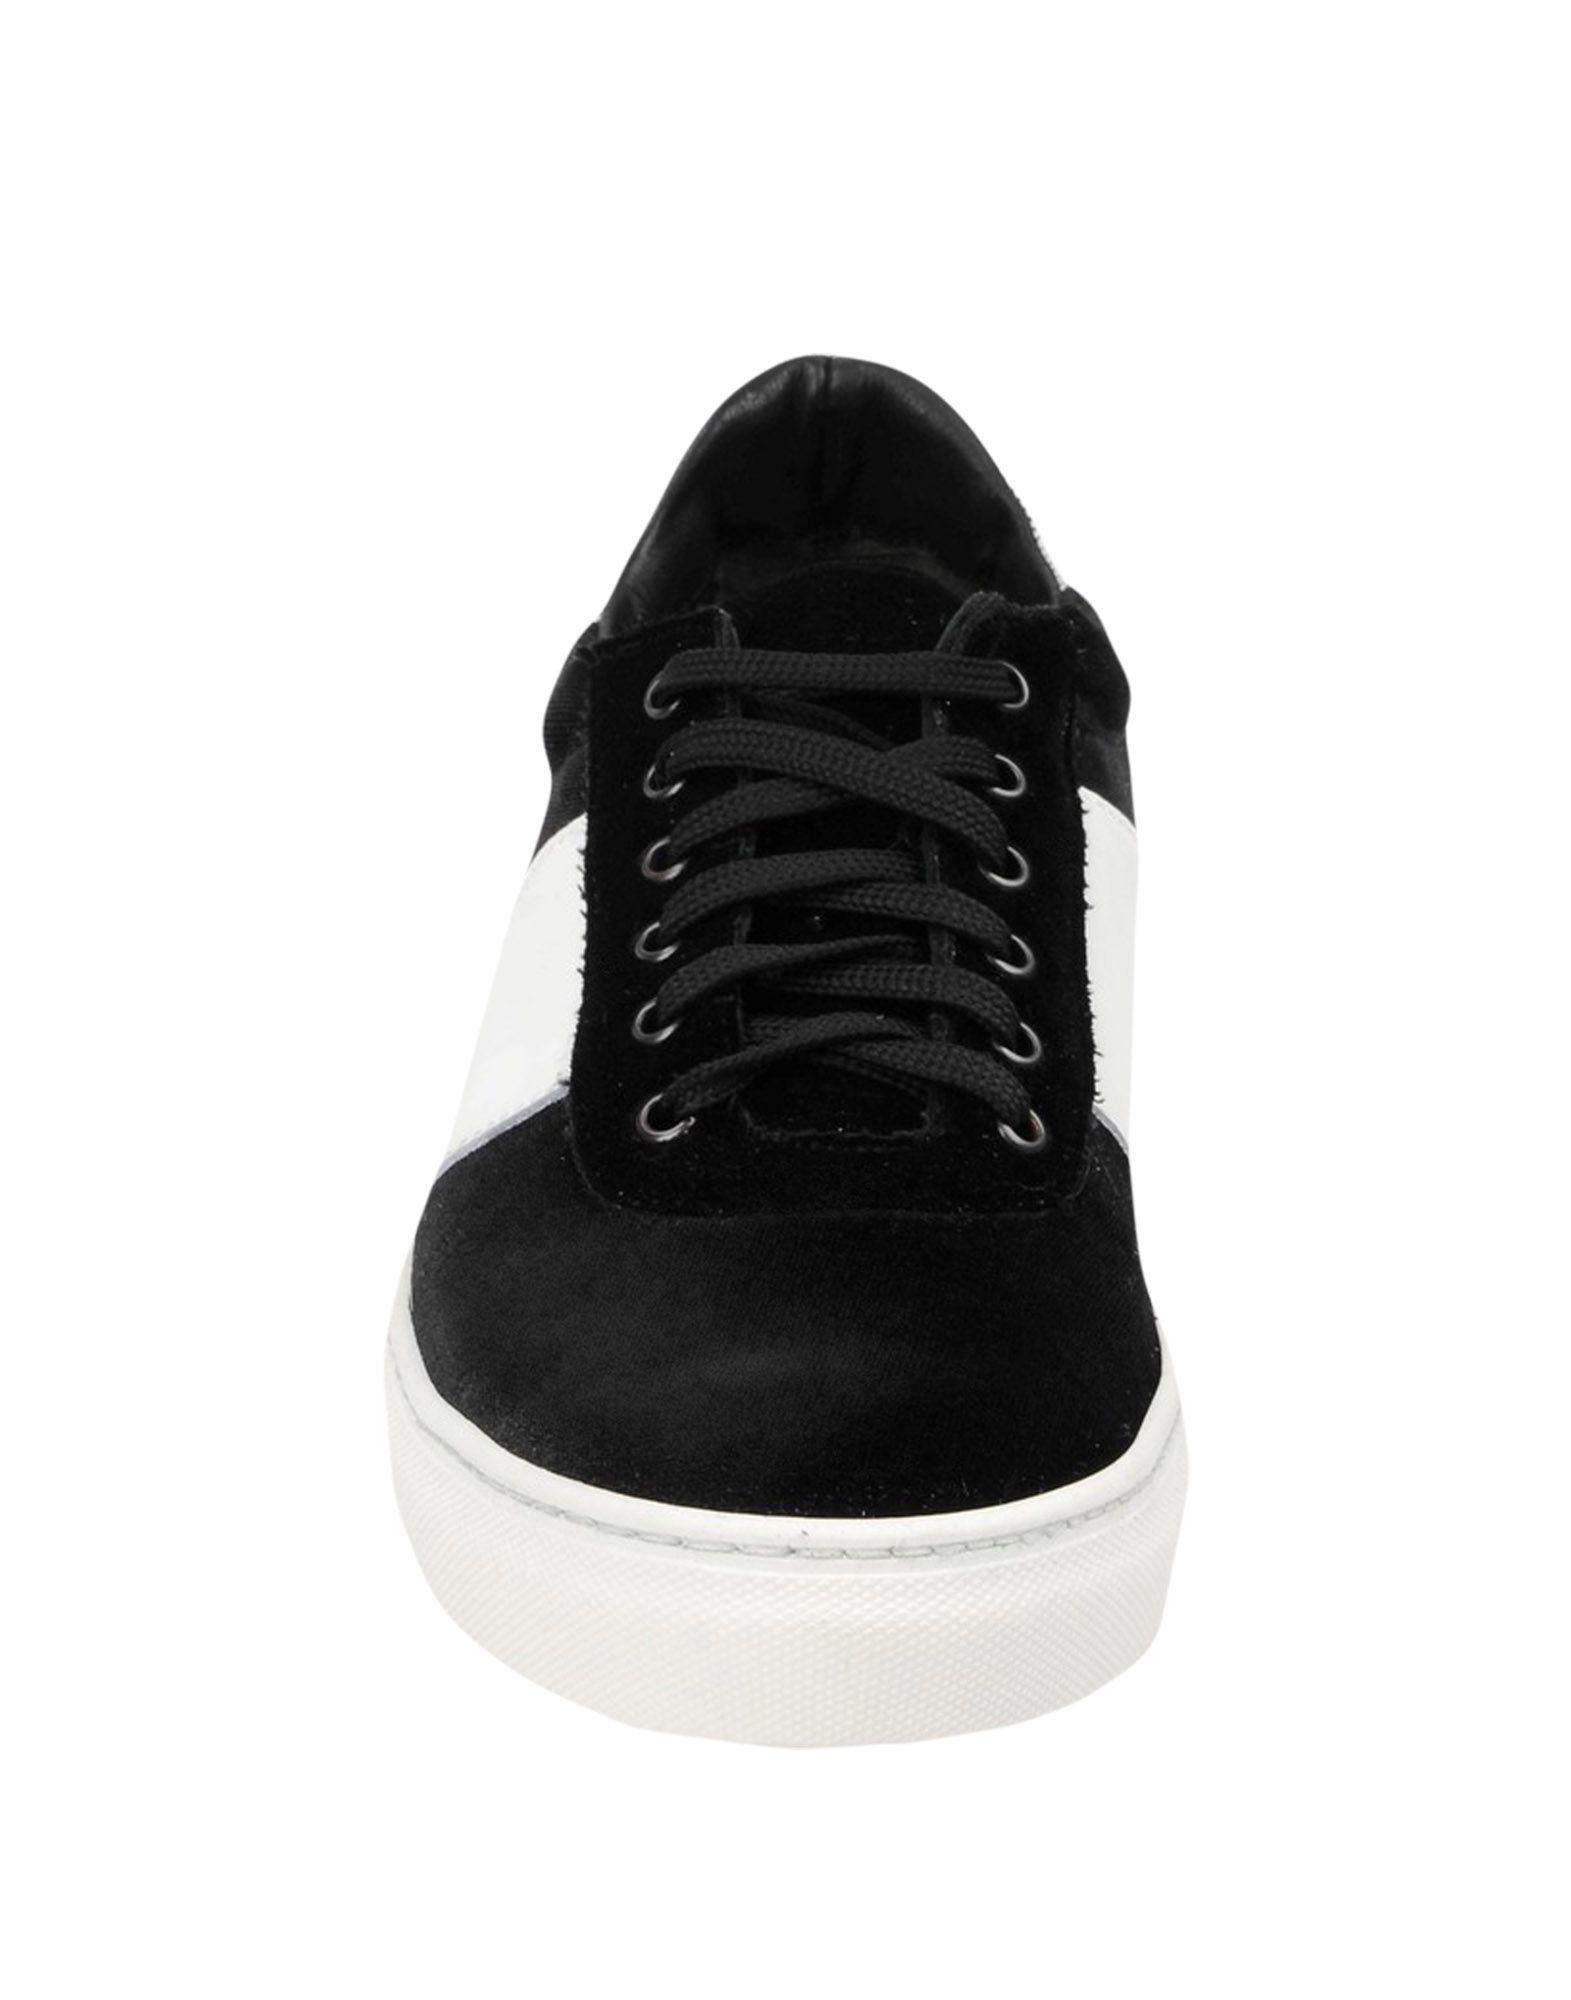 8  Sneakers Herren  8 11393324HH Heiße Schuhe 68466c